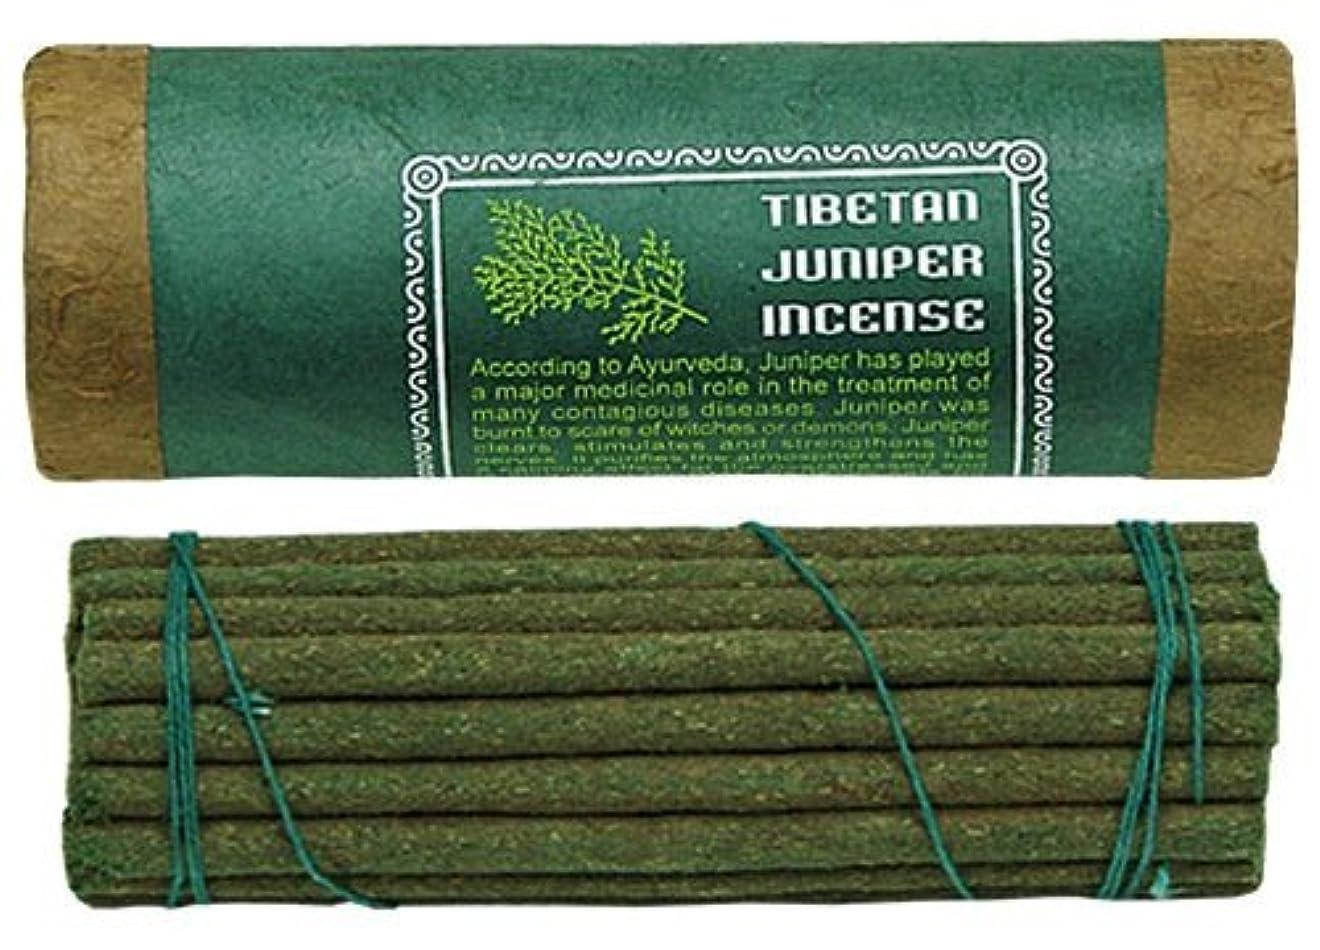 足枷清める専門知識Tibetan Juniper Incense、4.5